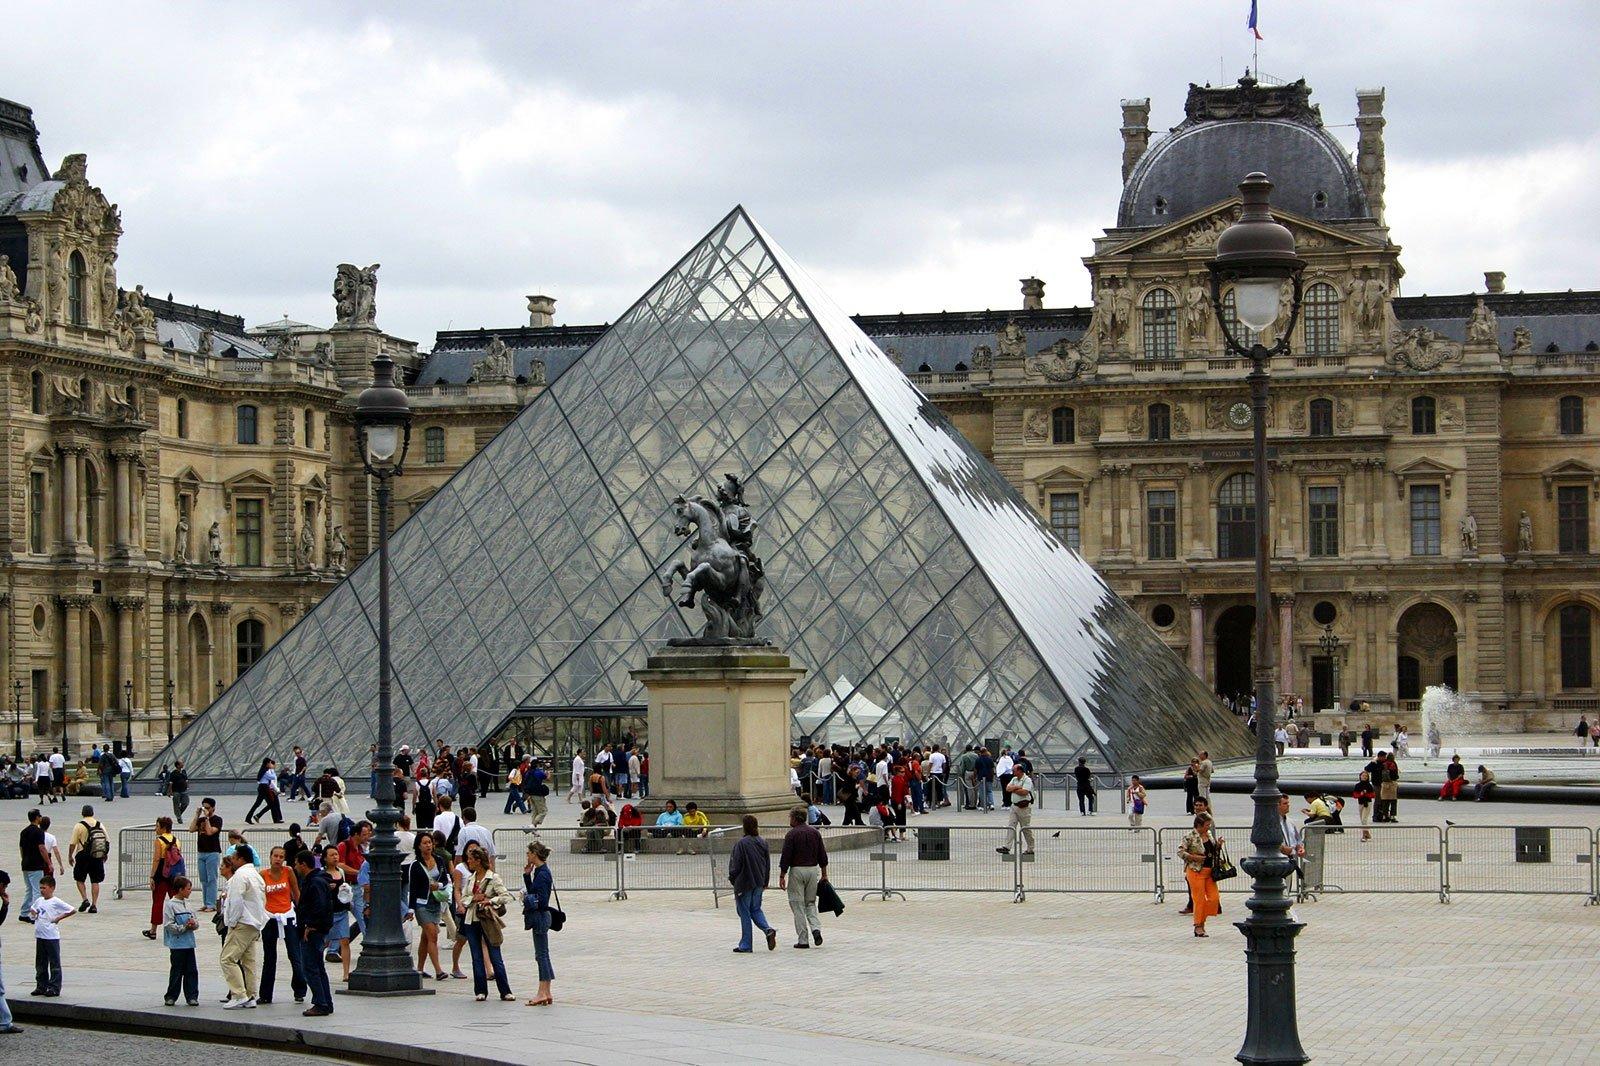 Музей лувр: история, картины, экскурсии, сайт, фото | paris-life.info